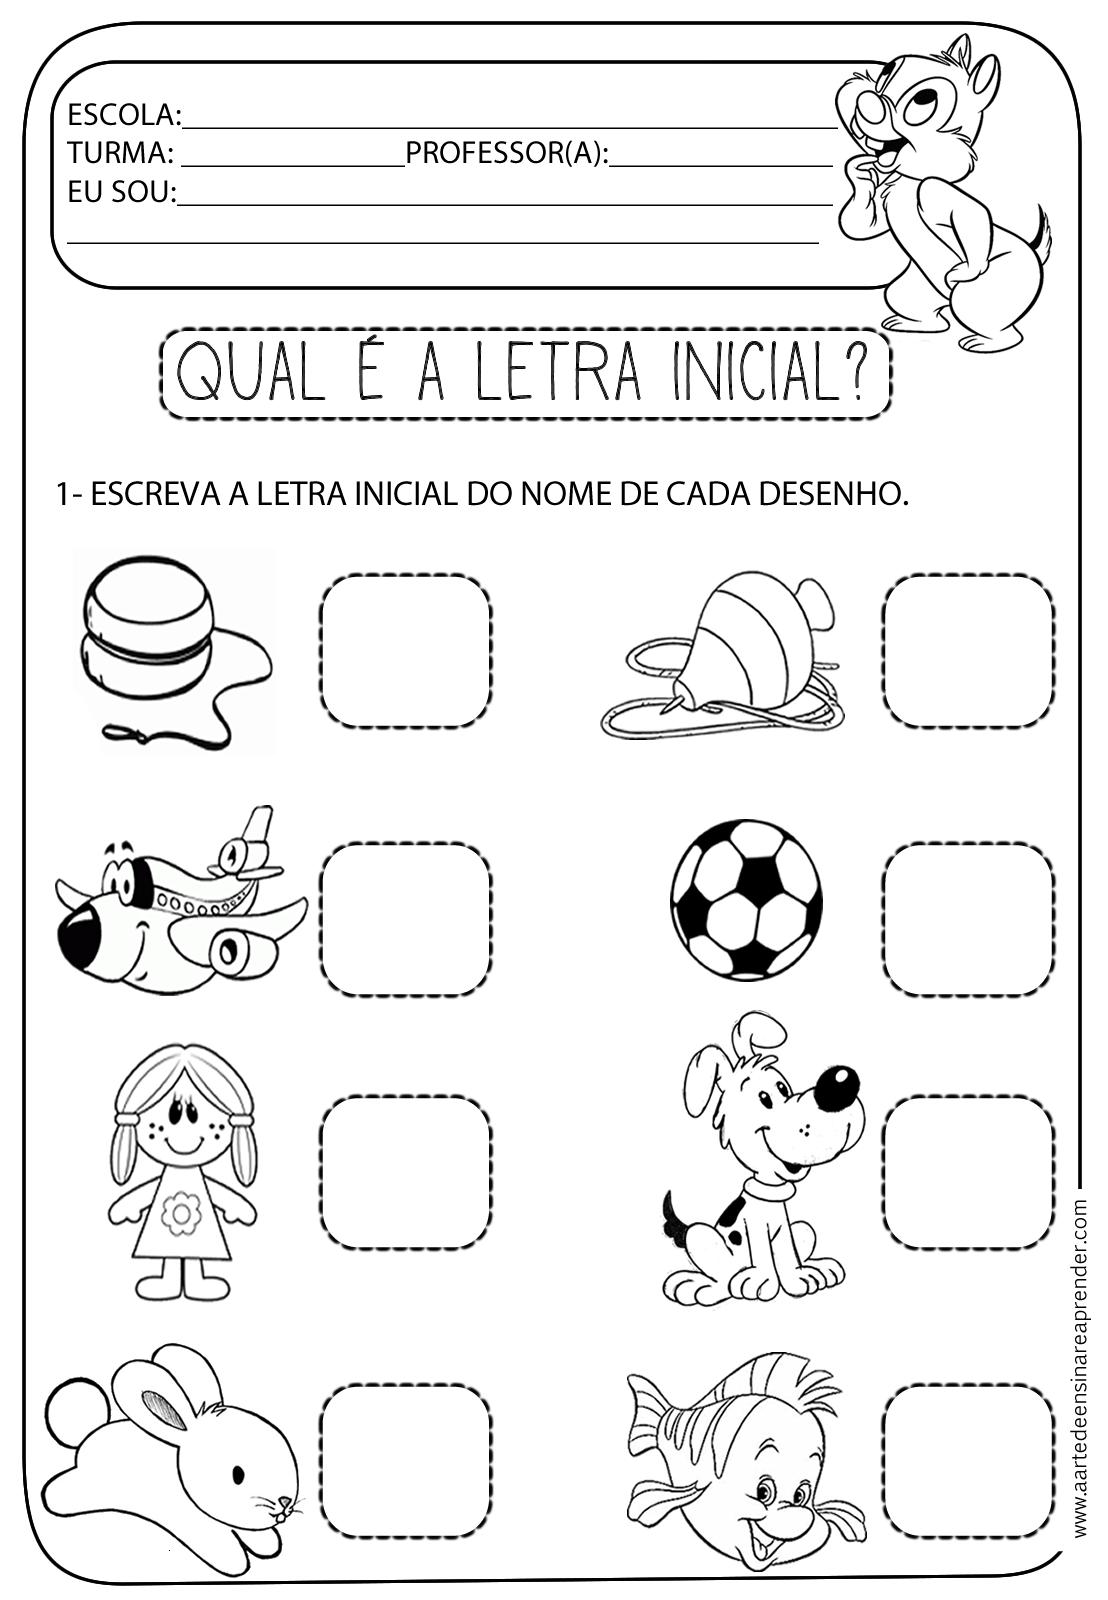 Atividade pronta - Letra inicial - A Arte de Ensinar e Aprender